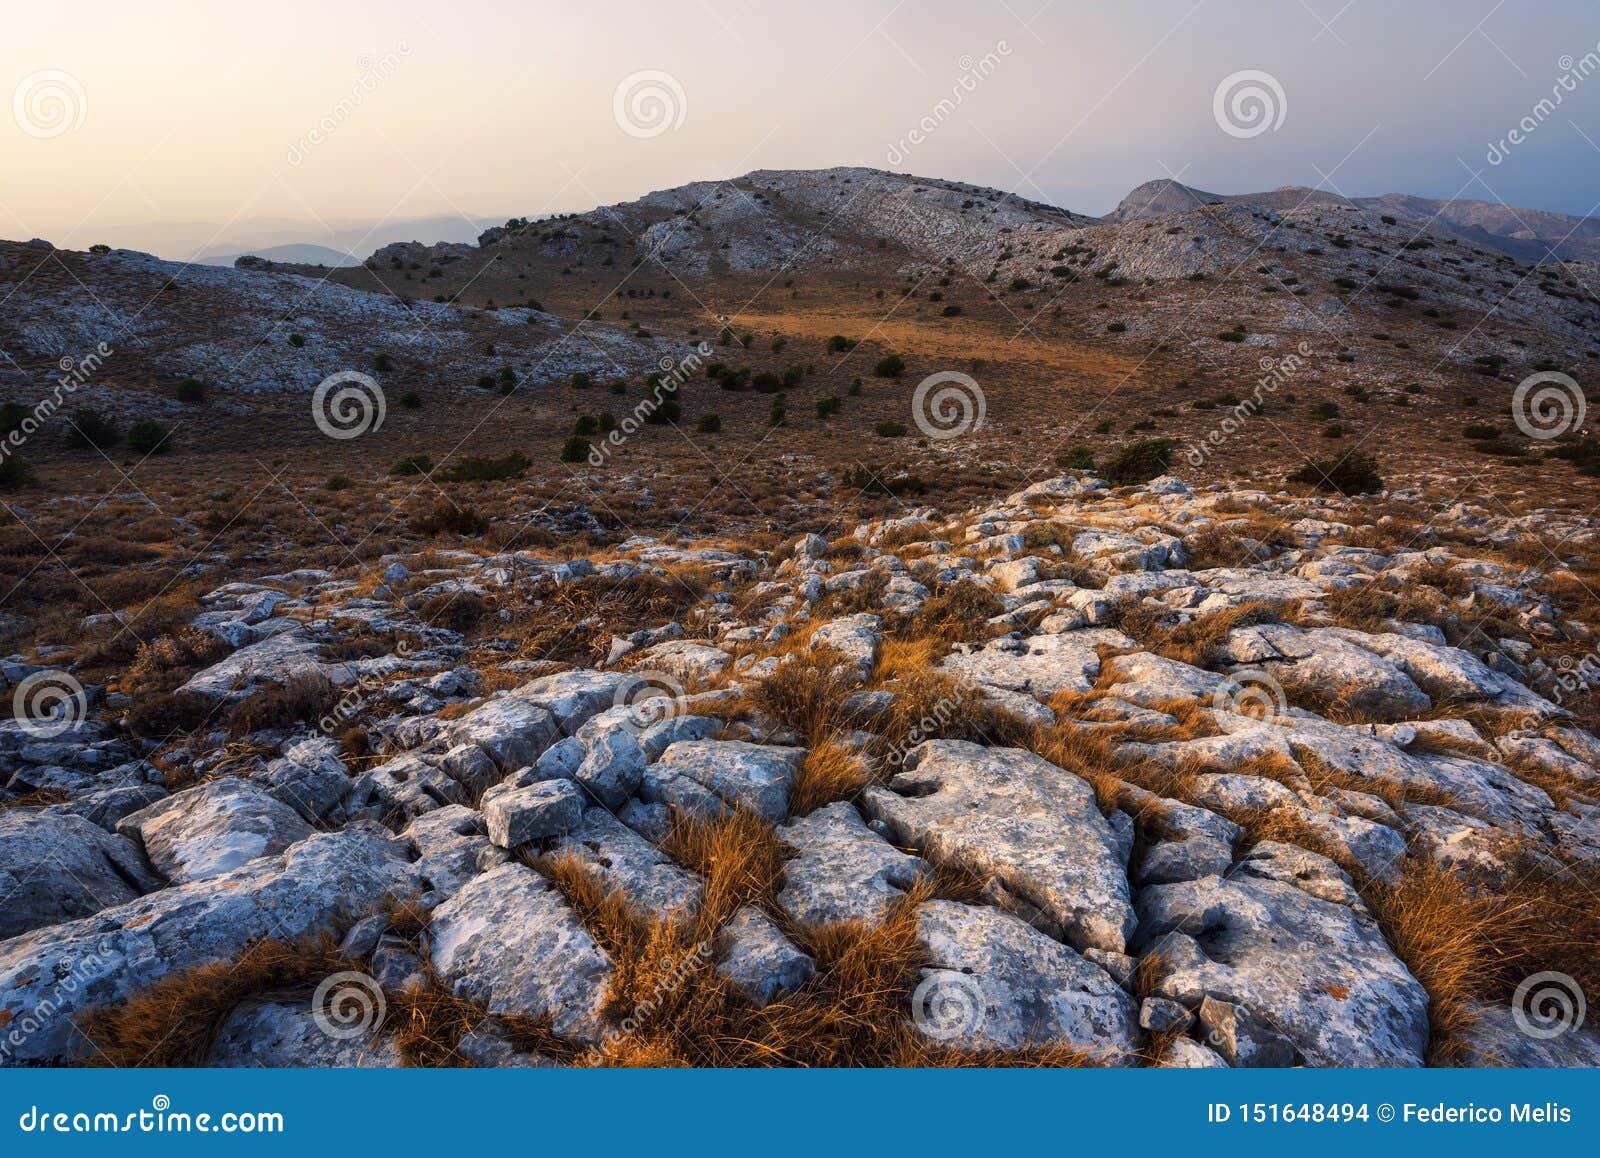 Sonnenuntergang, der die weißen Felsen in Monte Albo Sardinia Italy schlägt